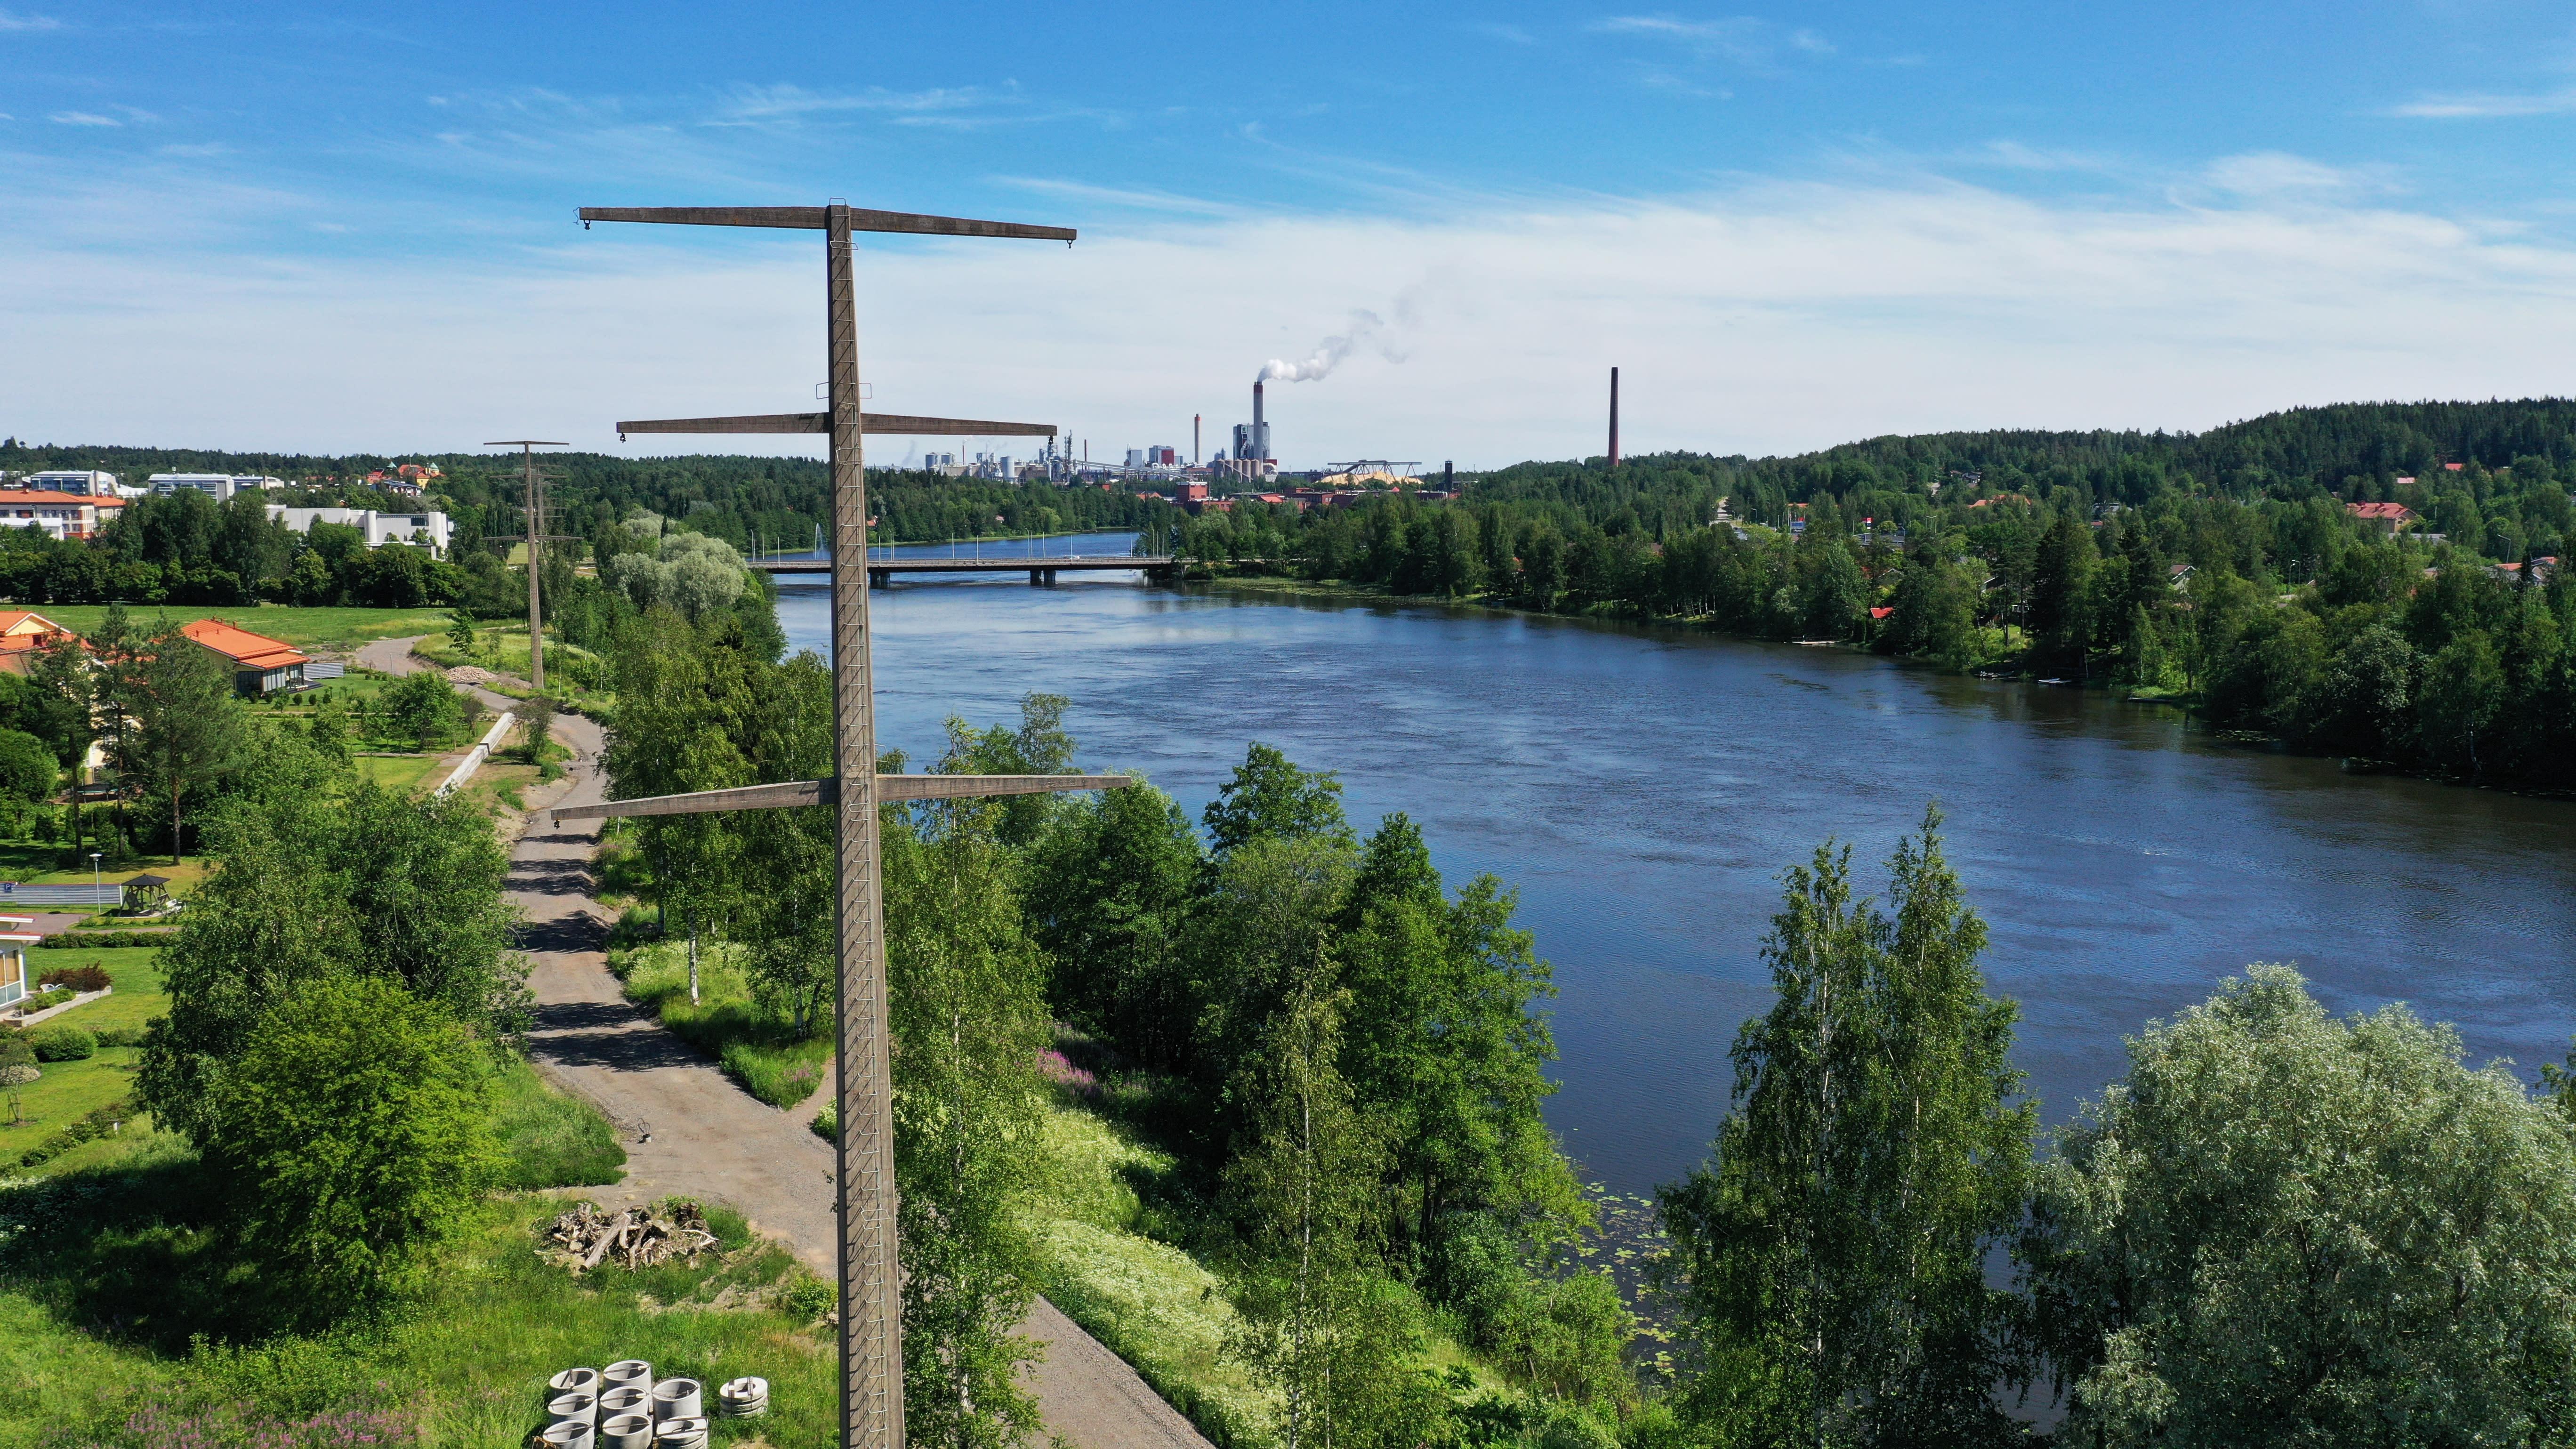 Teollisuushistorian säilyttämistä koskeva riita elää sitkeänä Kymijoen rantamaisemassa